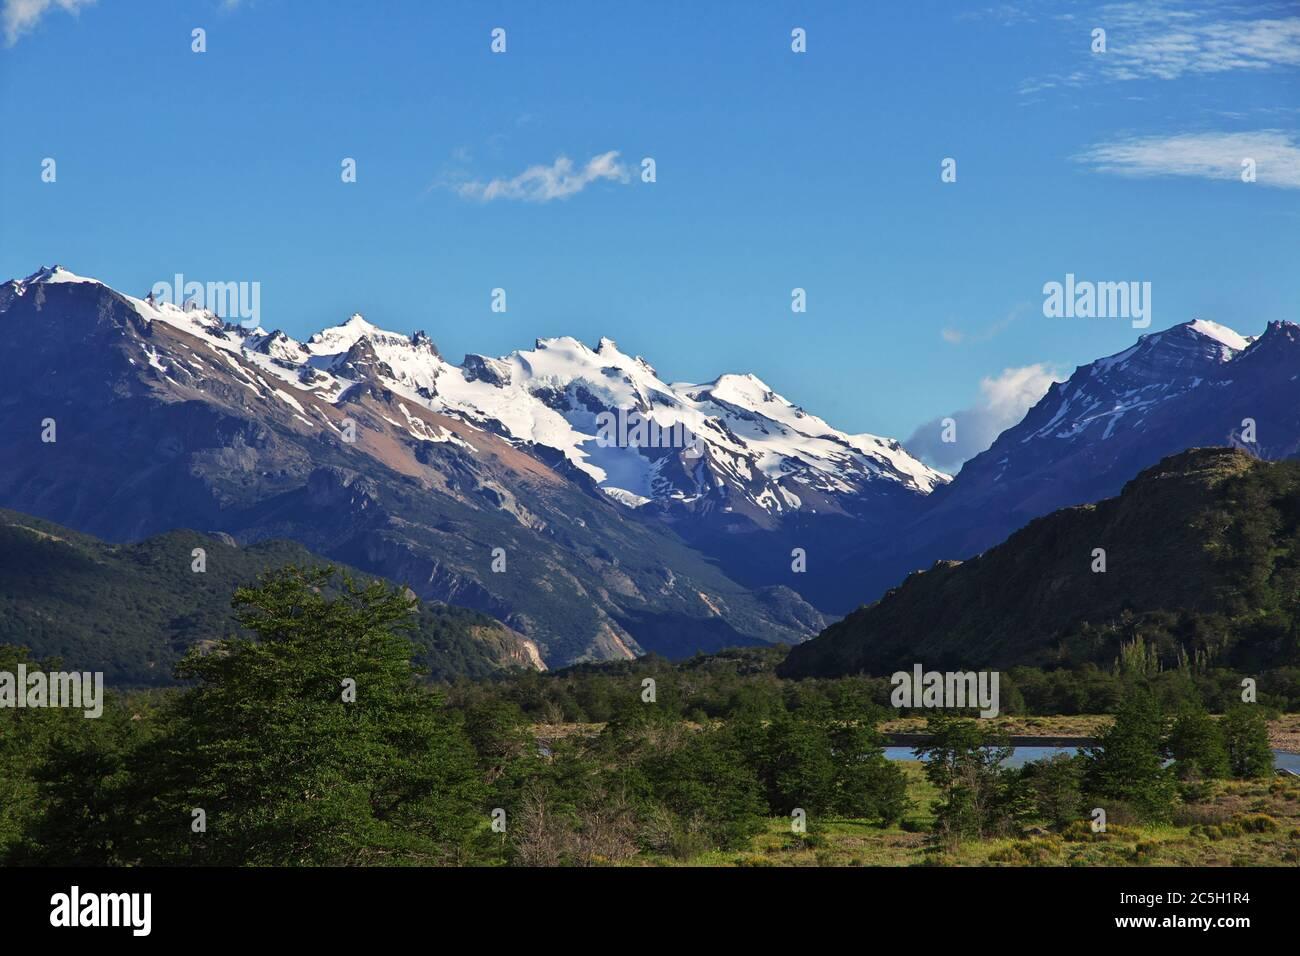 La vista sobre las montañas, el pueblo de el Chalten en la Patagonia, Argentina Foto de stock